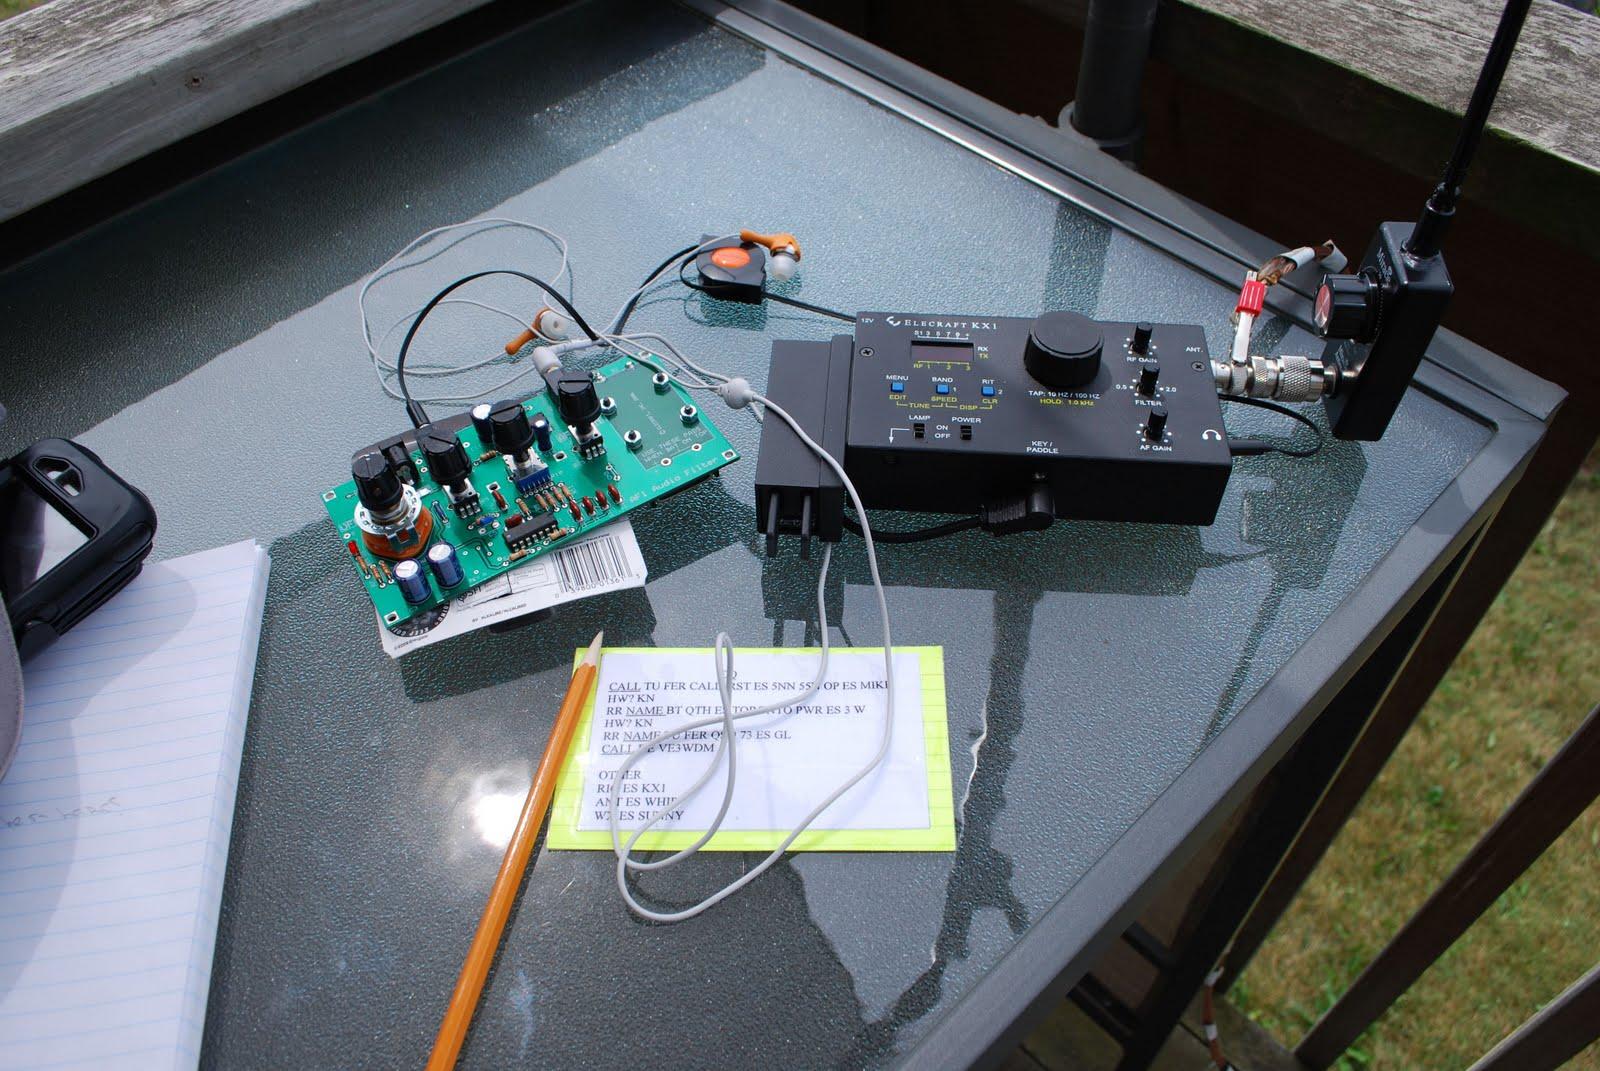 VE9KK QRPower BLOG: AF1 VS KX1 problem solved